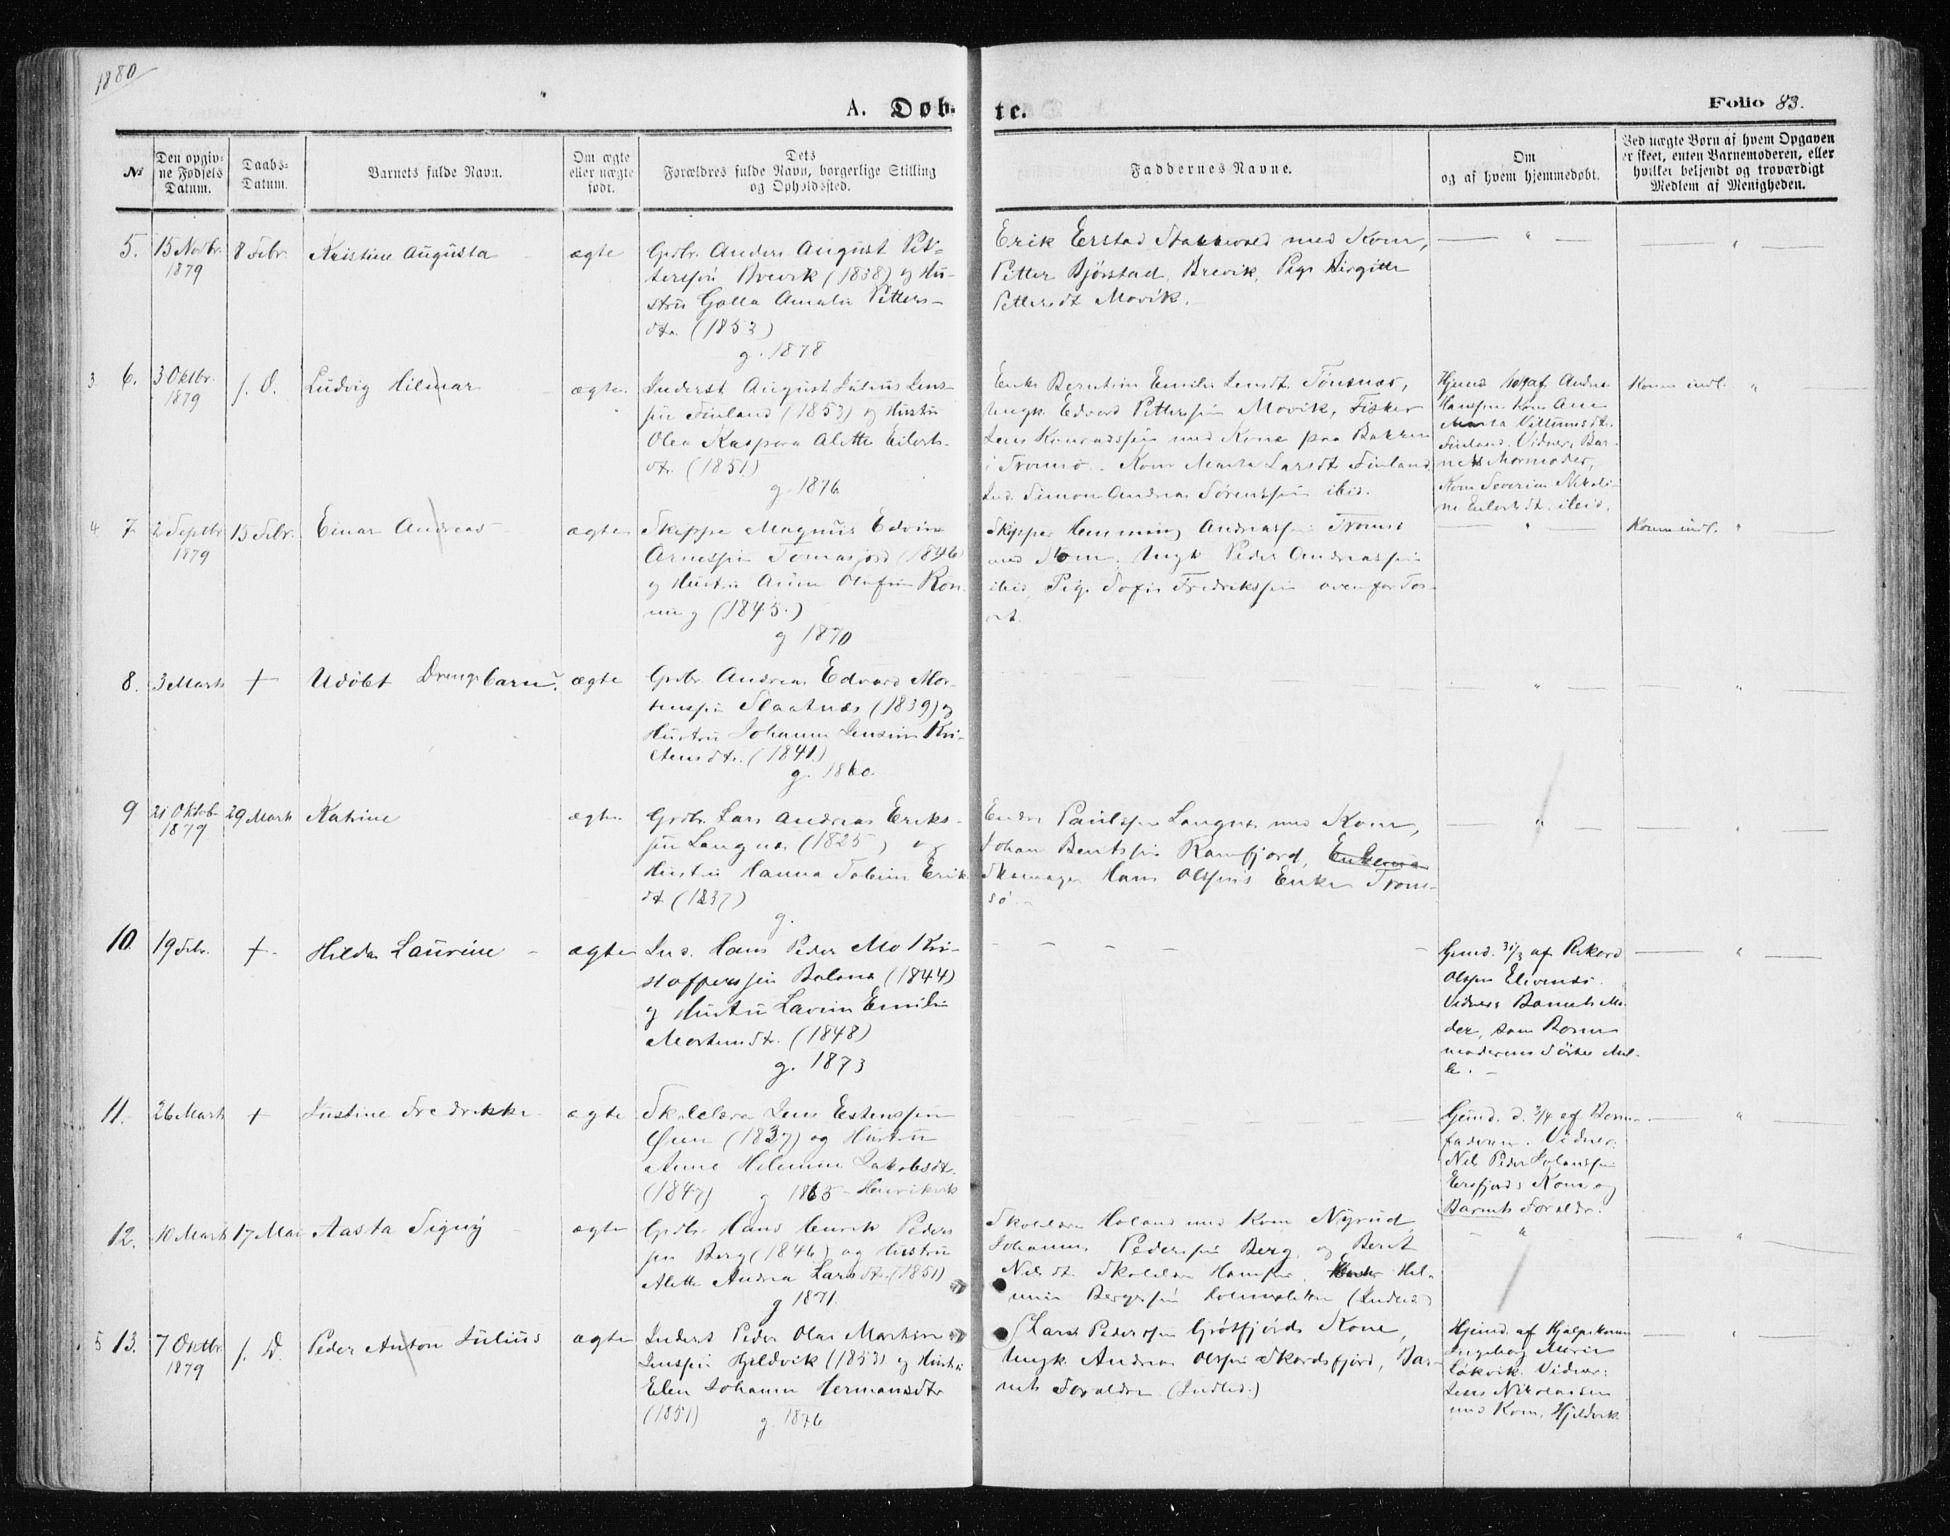 SATØ, Tromsøysund sokneprestkontor, G/Ga/L0003kirke: Parish register (official) no. 3, 1875-1880, p. 83